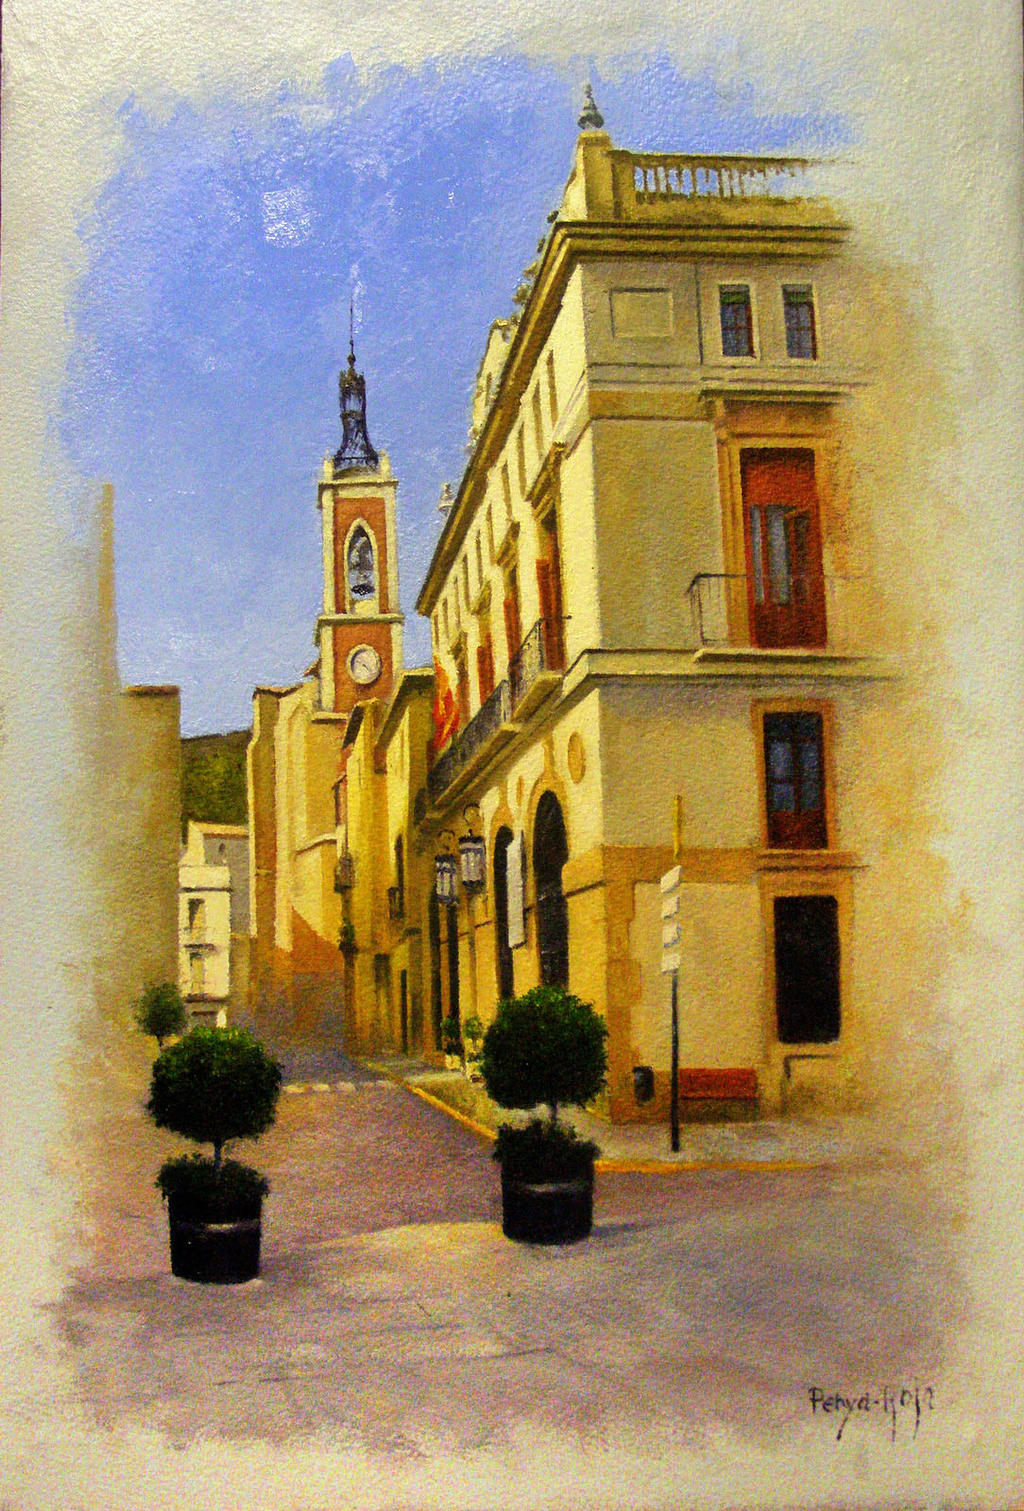 Calle interior de pueblo Sta Maria